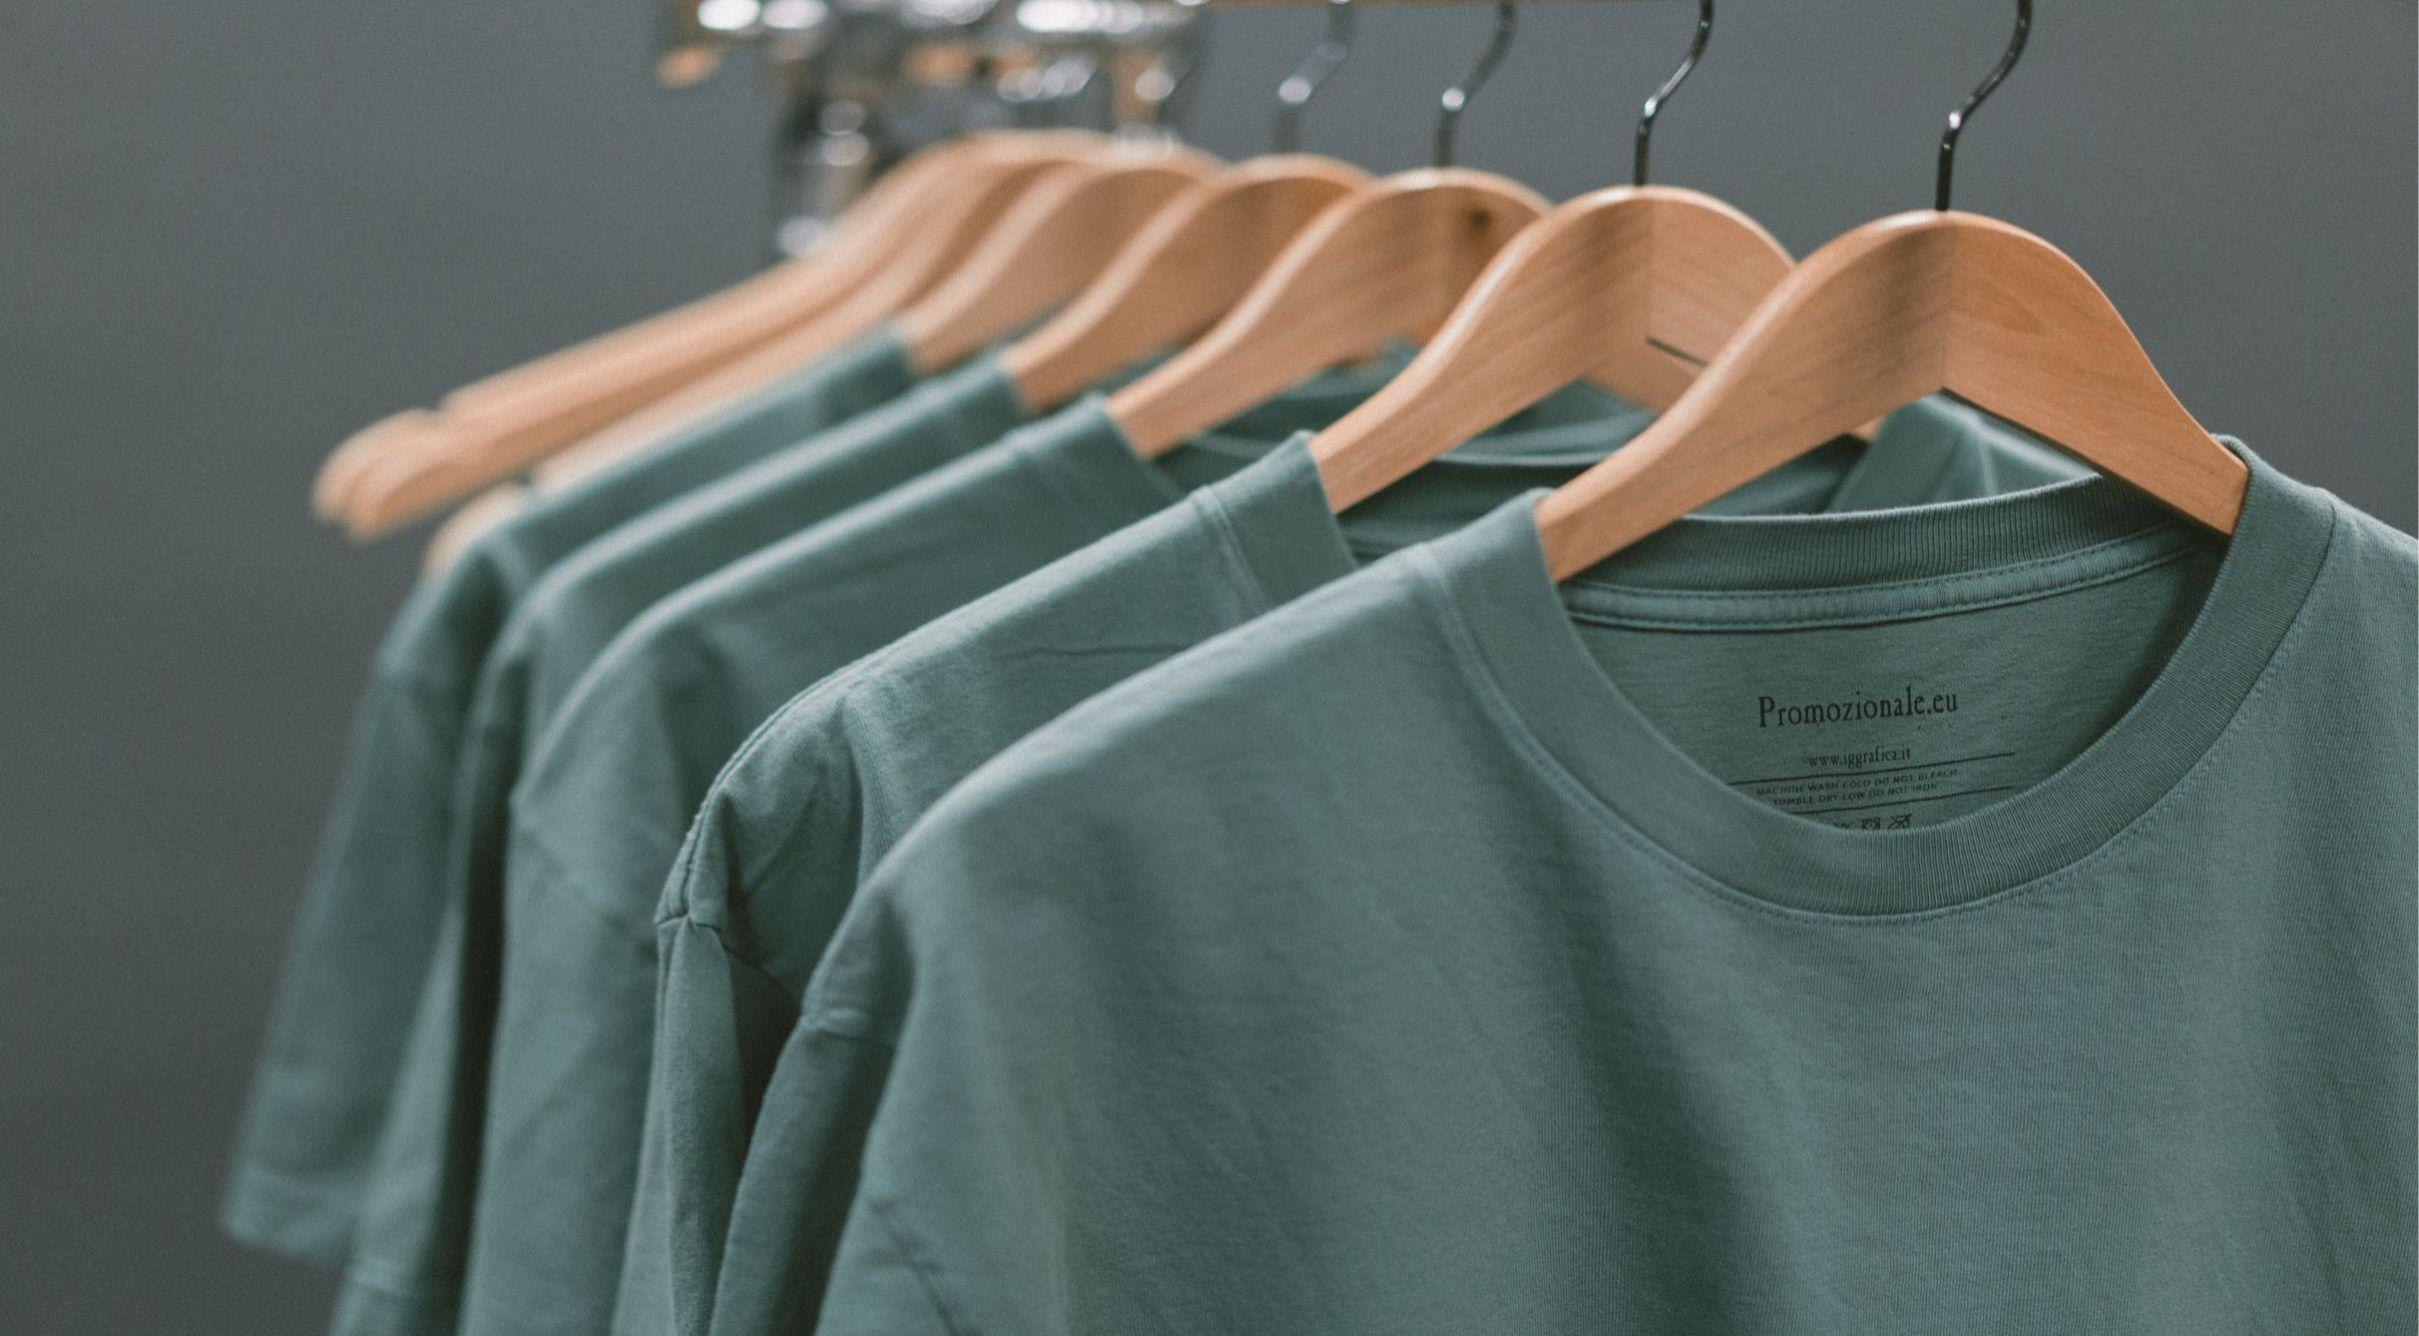 Personalizza il tuo abbigliamento Amendola Milano